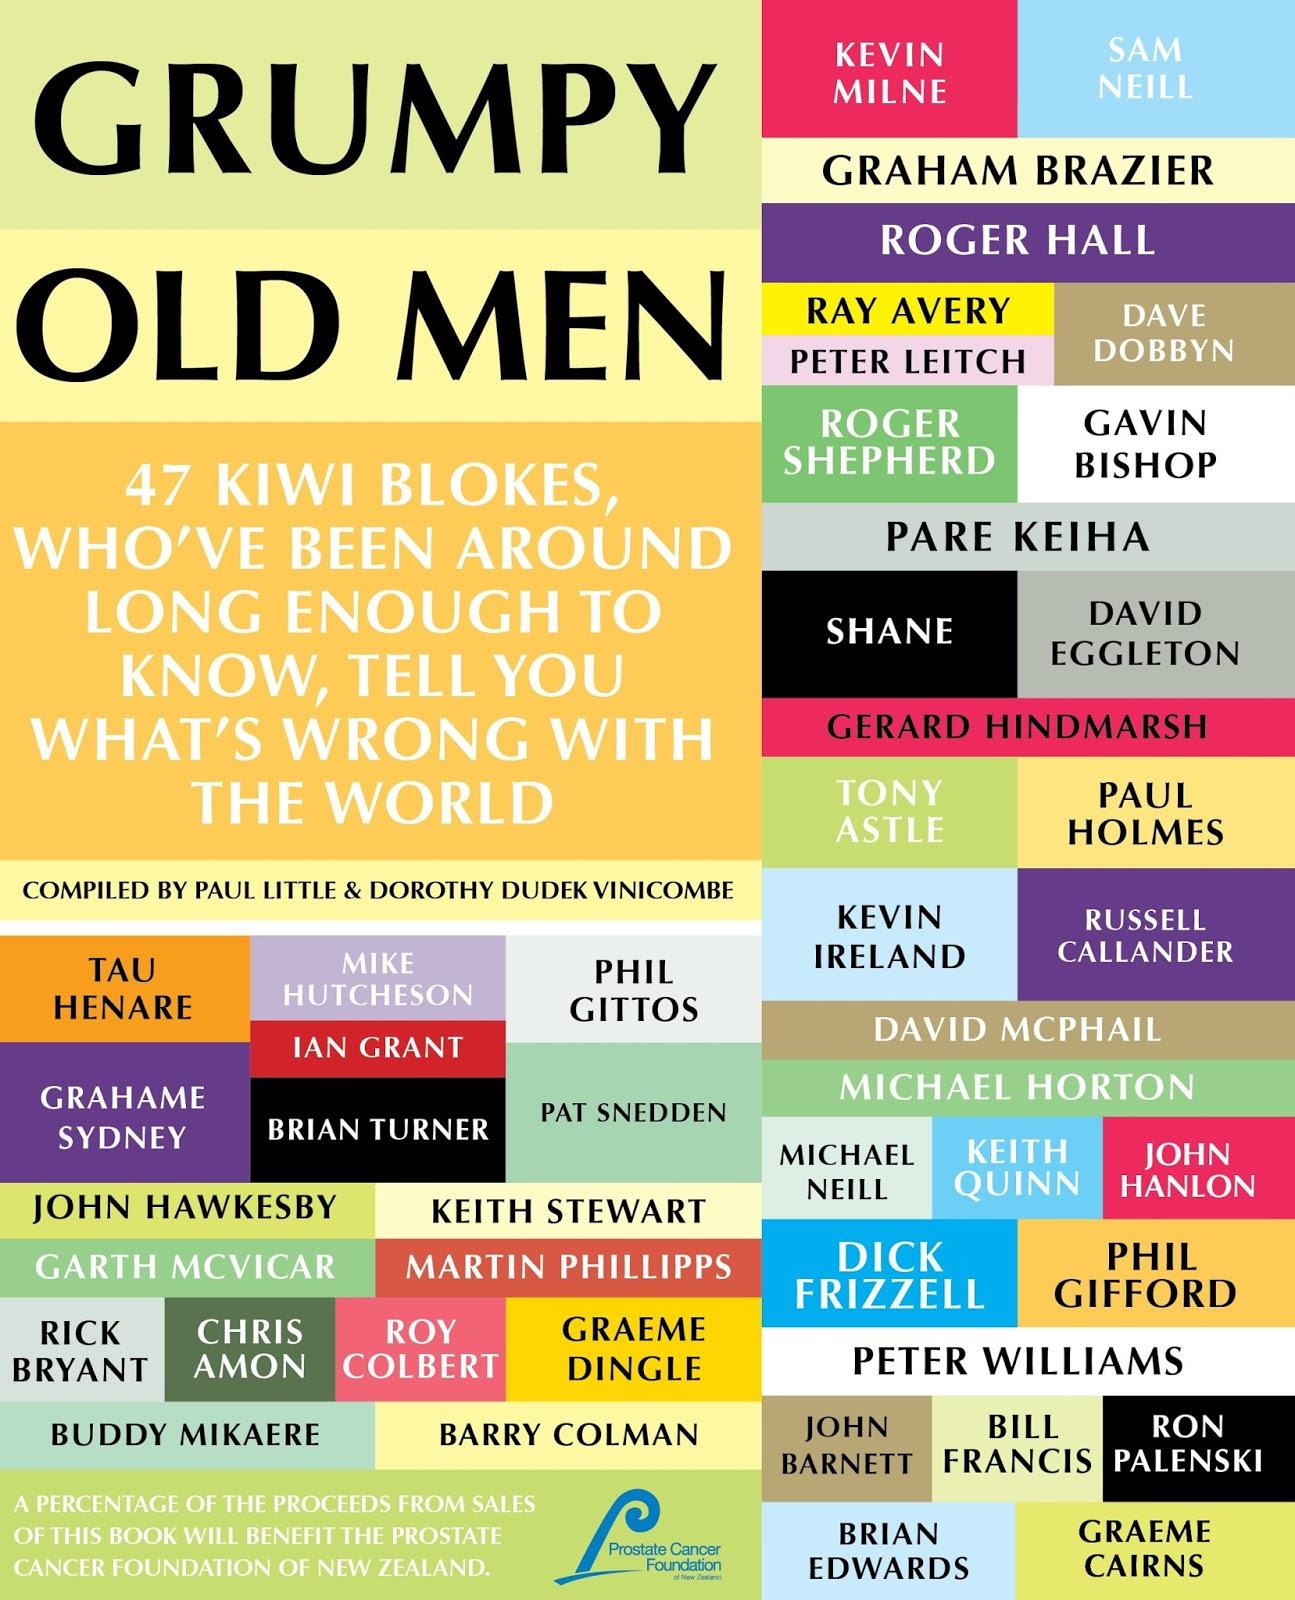 Grumpier Old Men Quotes Quotesgram